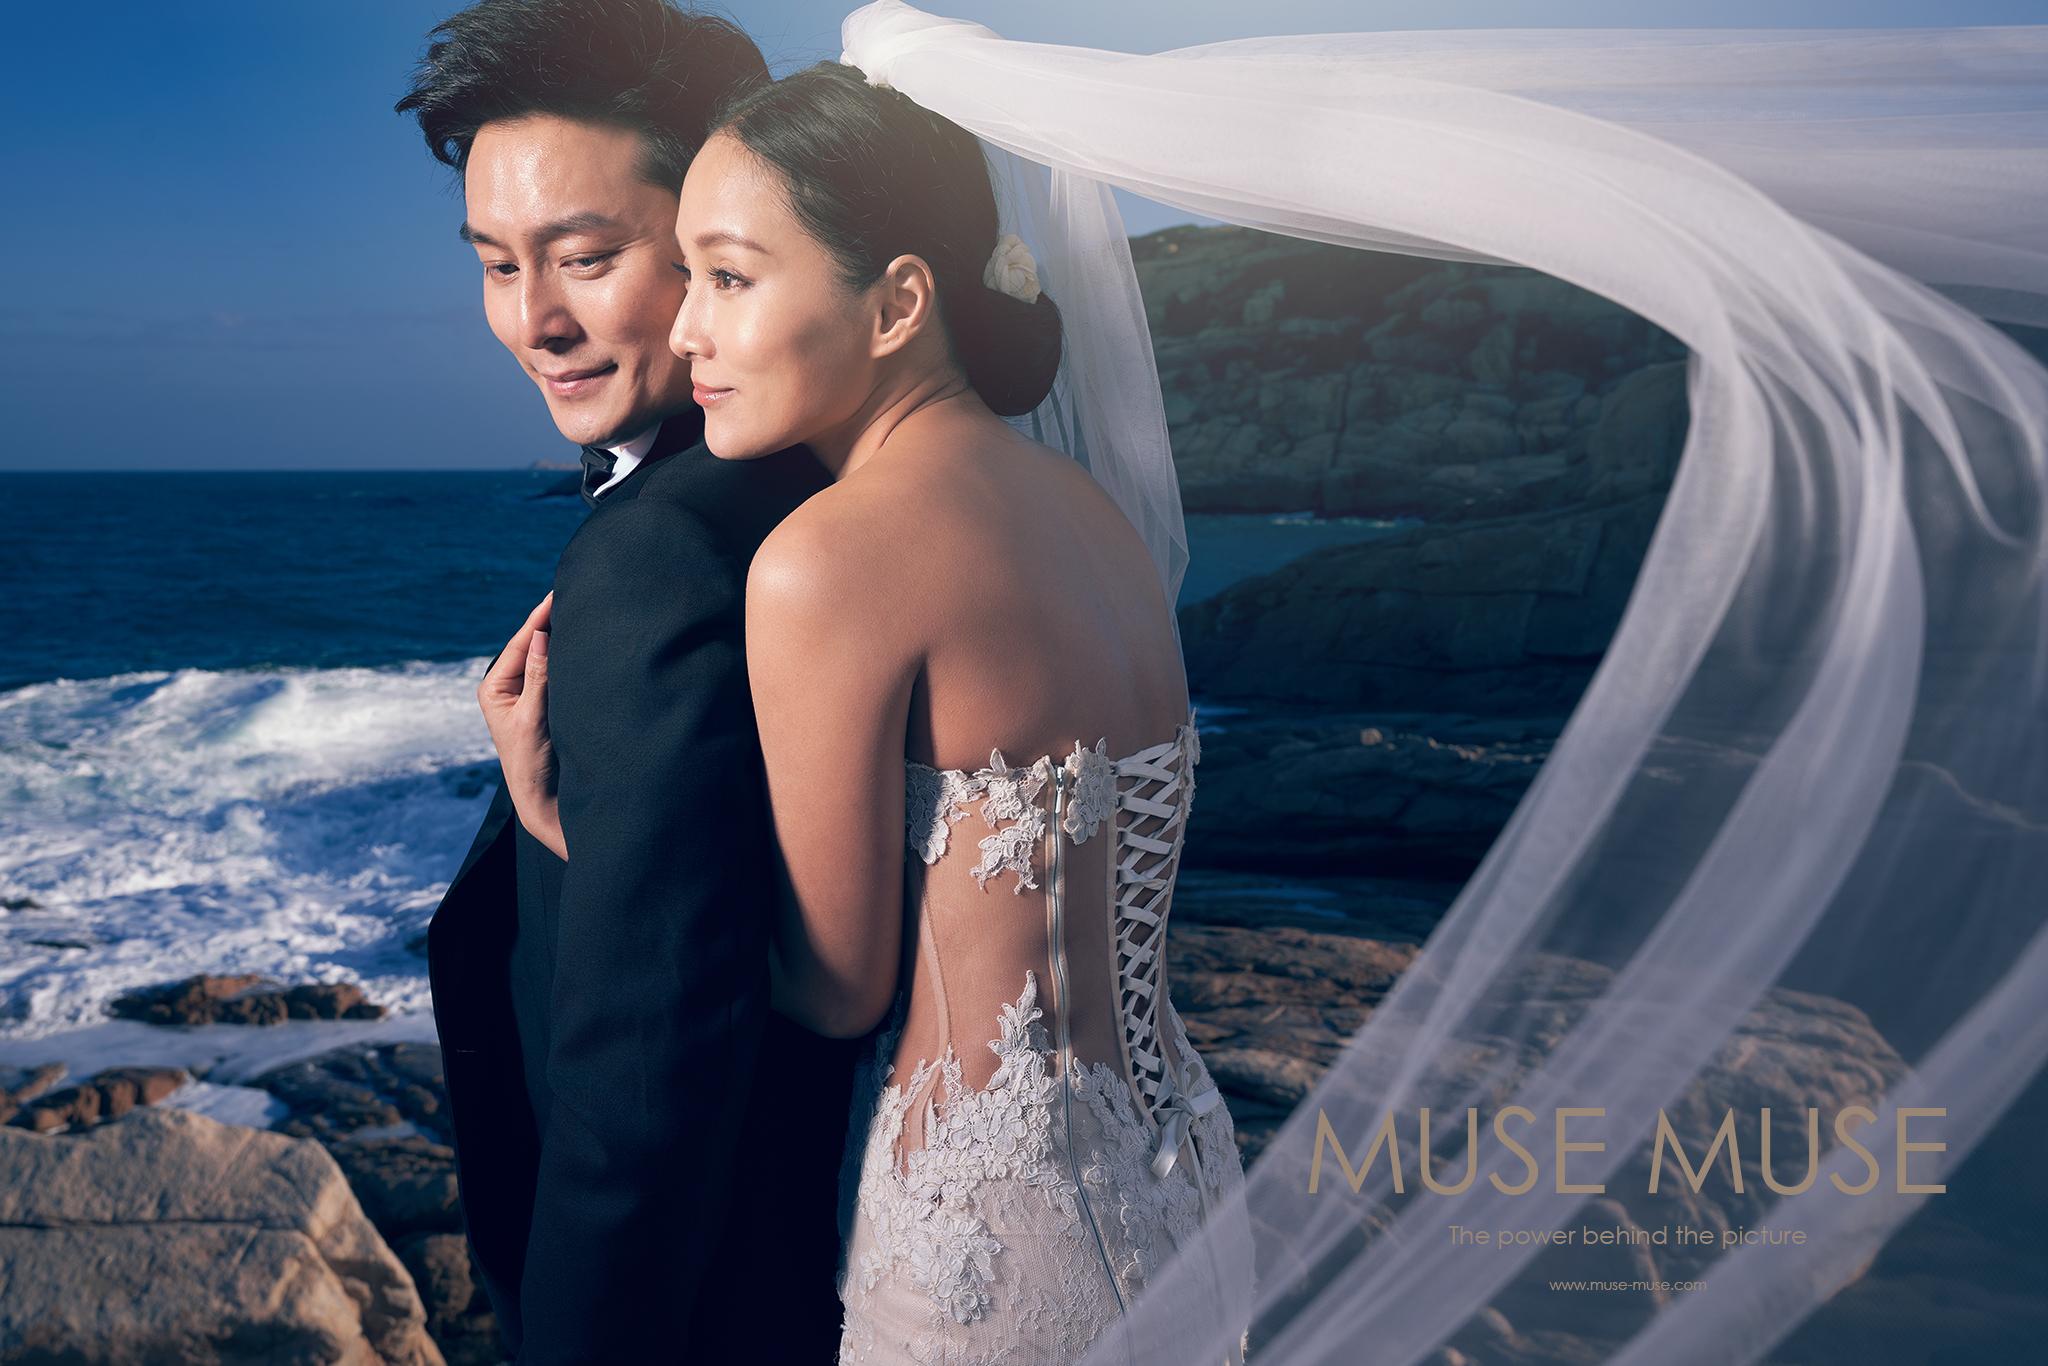 Florence & Rhys Hong Kong Pre-Wedding 香港婚紗攝影,早一星期香港天氣密雲下雨,早兩天的陽光開始出來了,天氣涼涼的感覺很適合拍攝。出來的作品大家都非常喜歡。  Muse 很喜歡拍攝香港石澳,實在太美了!期待三月份拍攝妳們的婚禮!